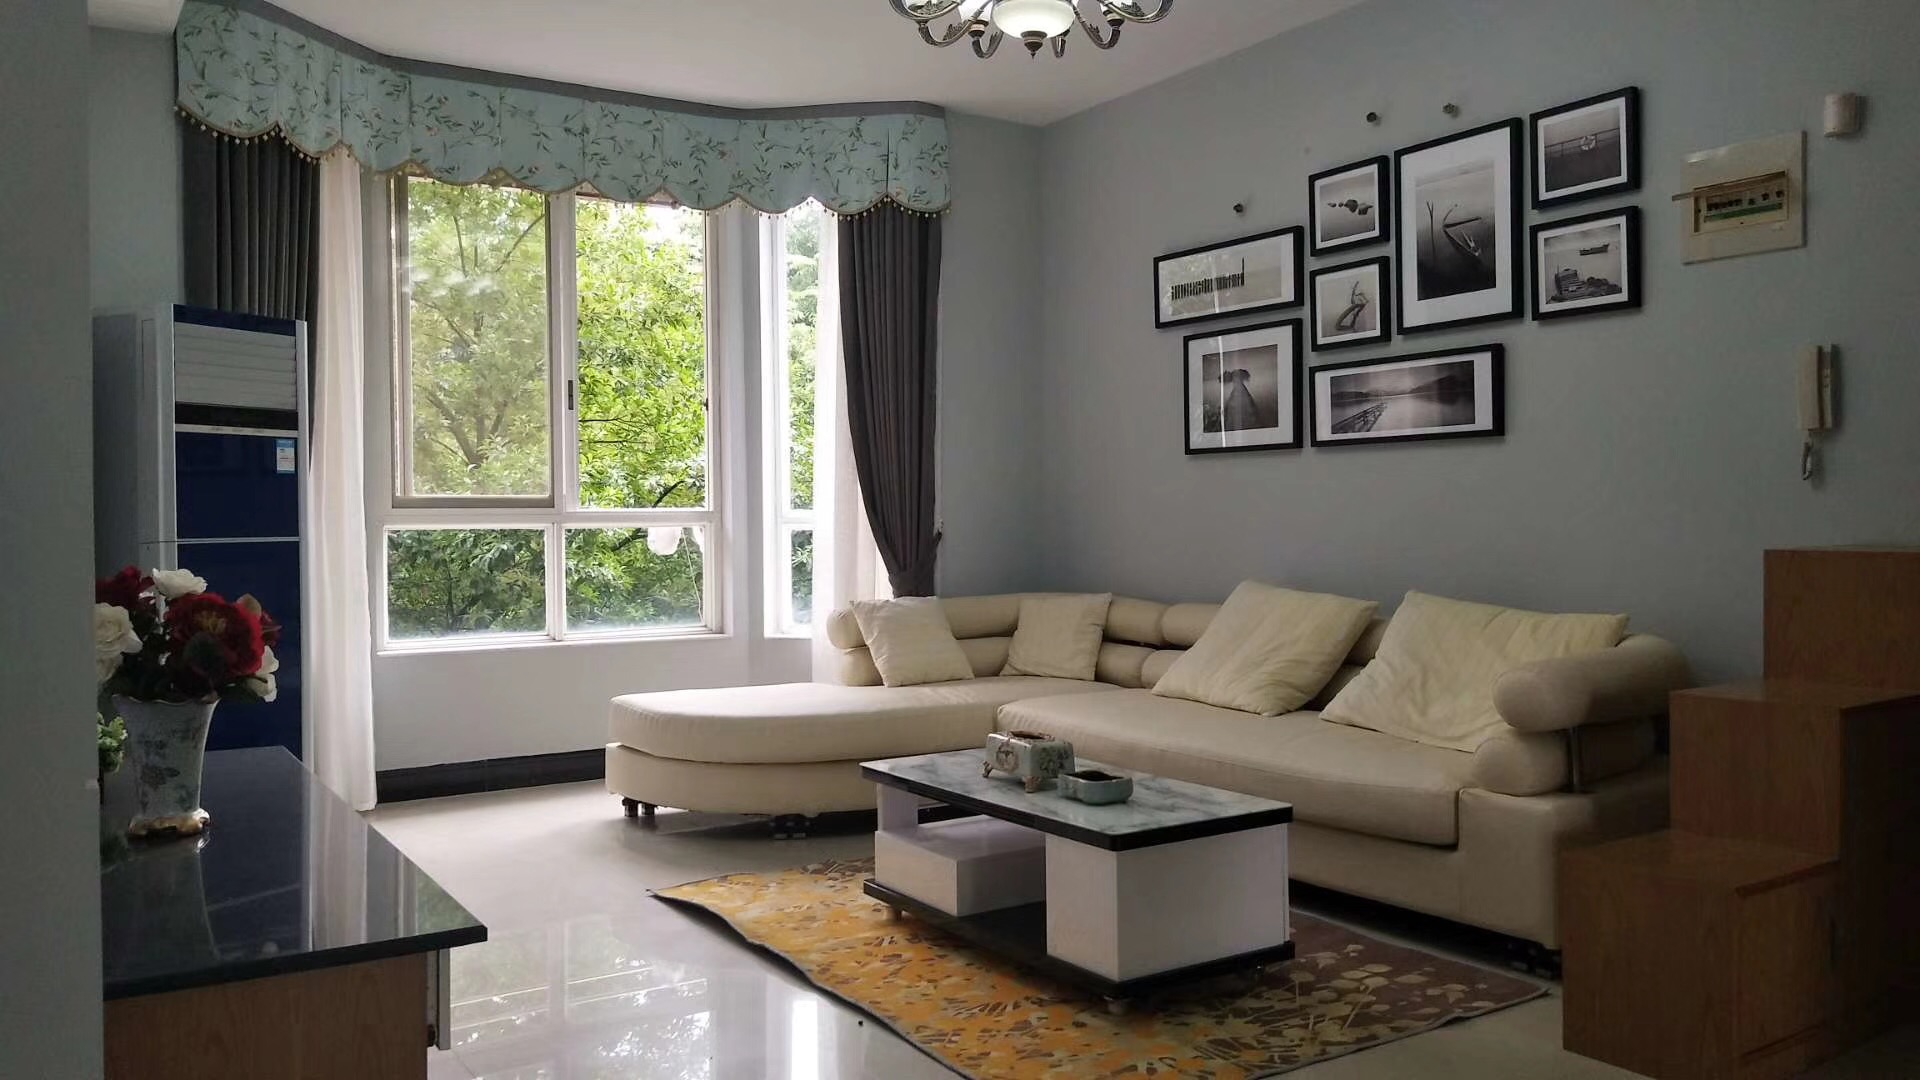 娄底130平米地中海风格客厅装修效果图